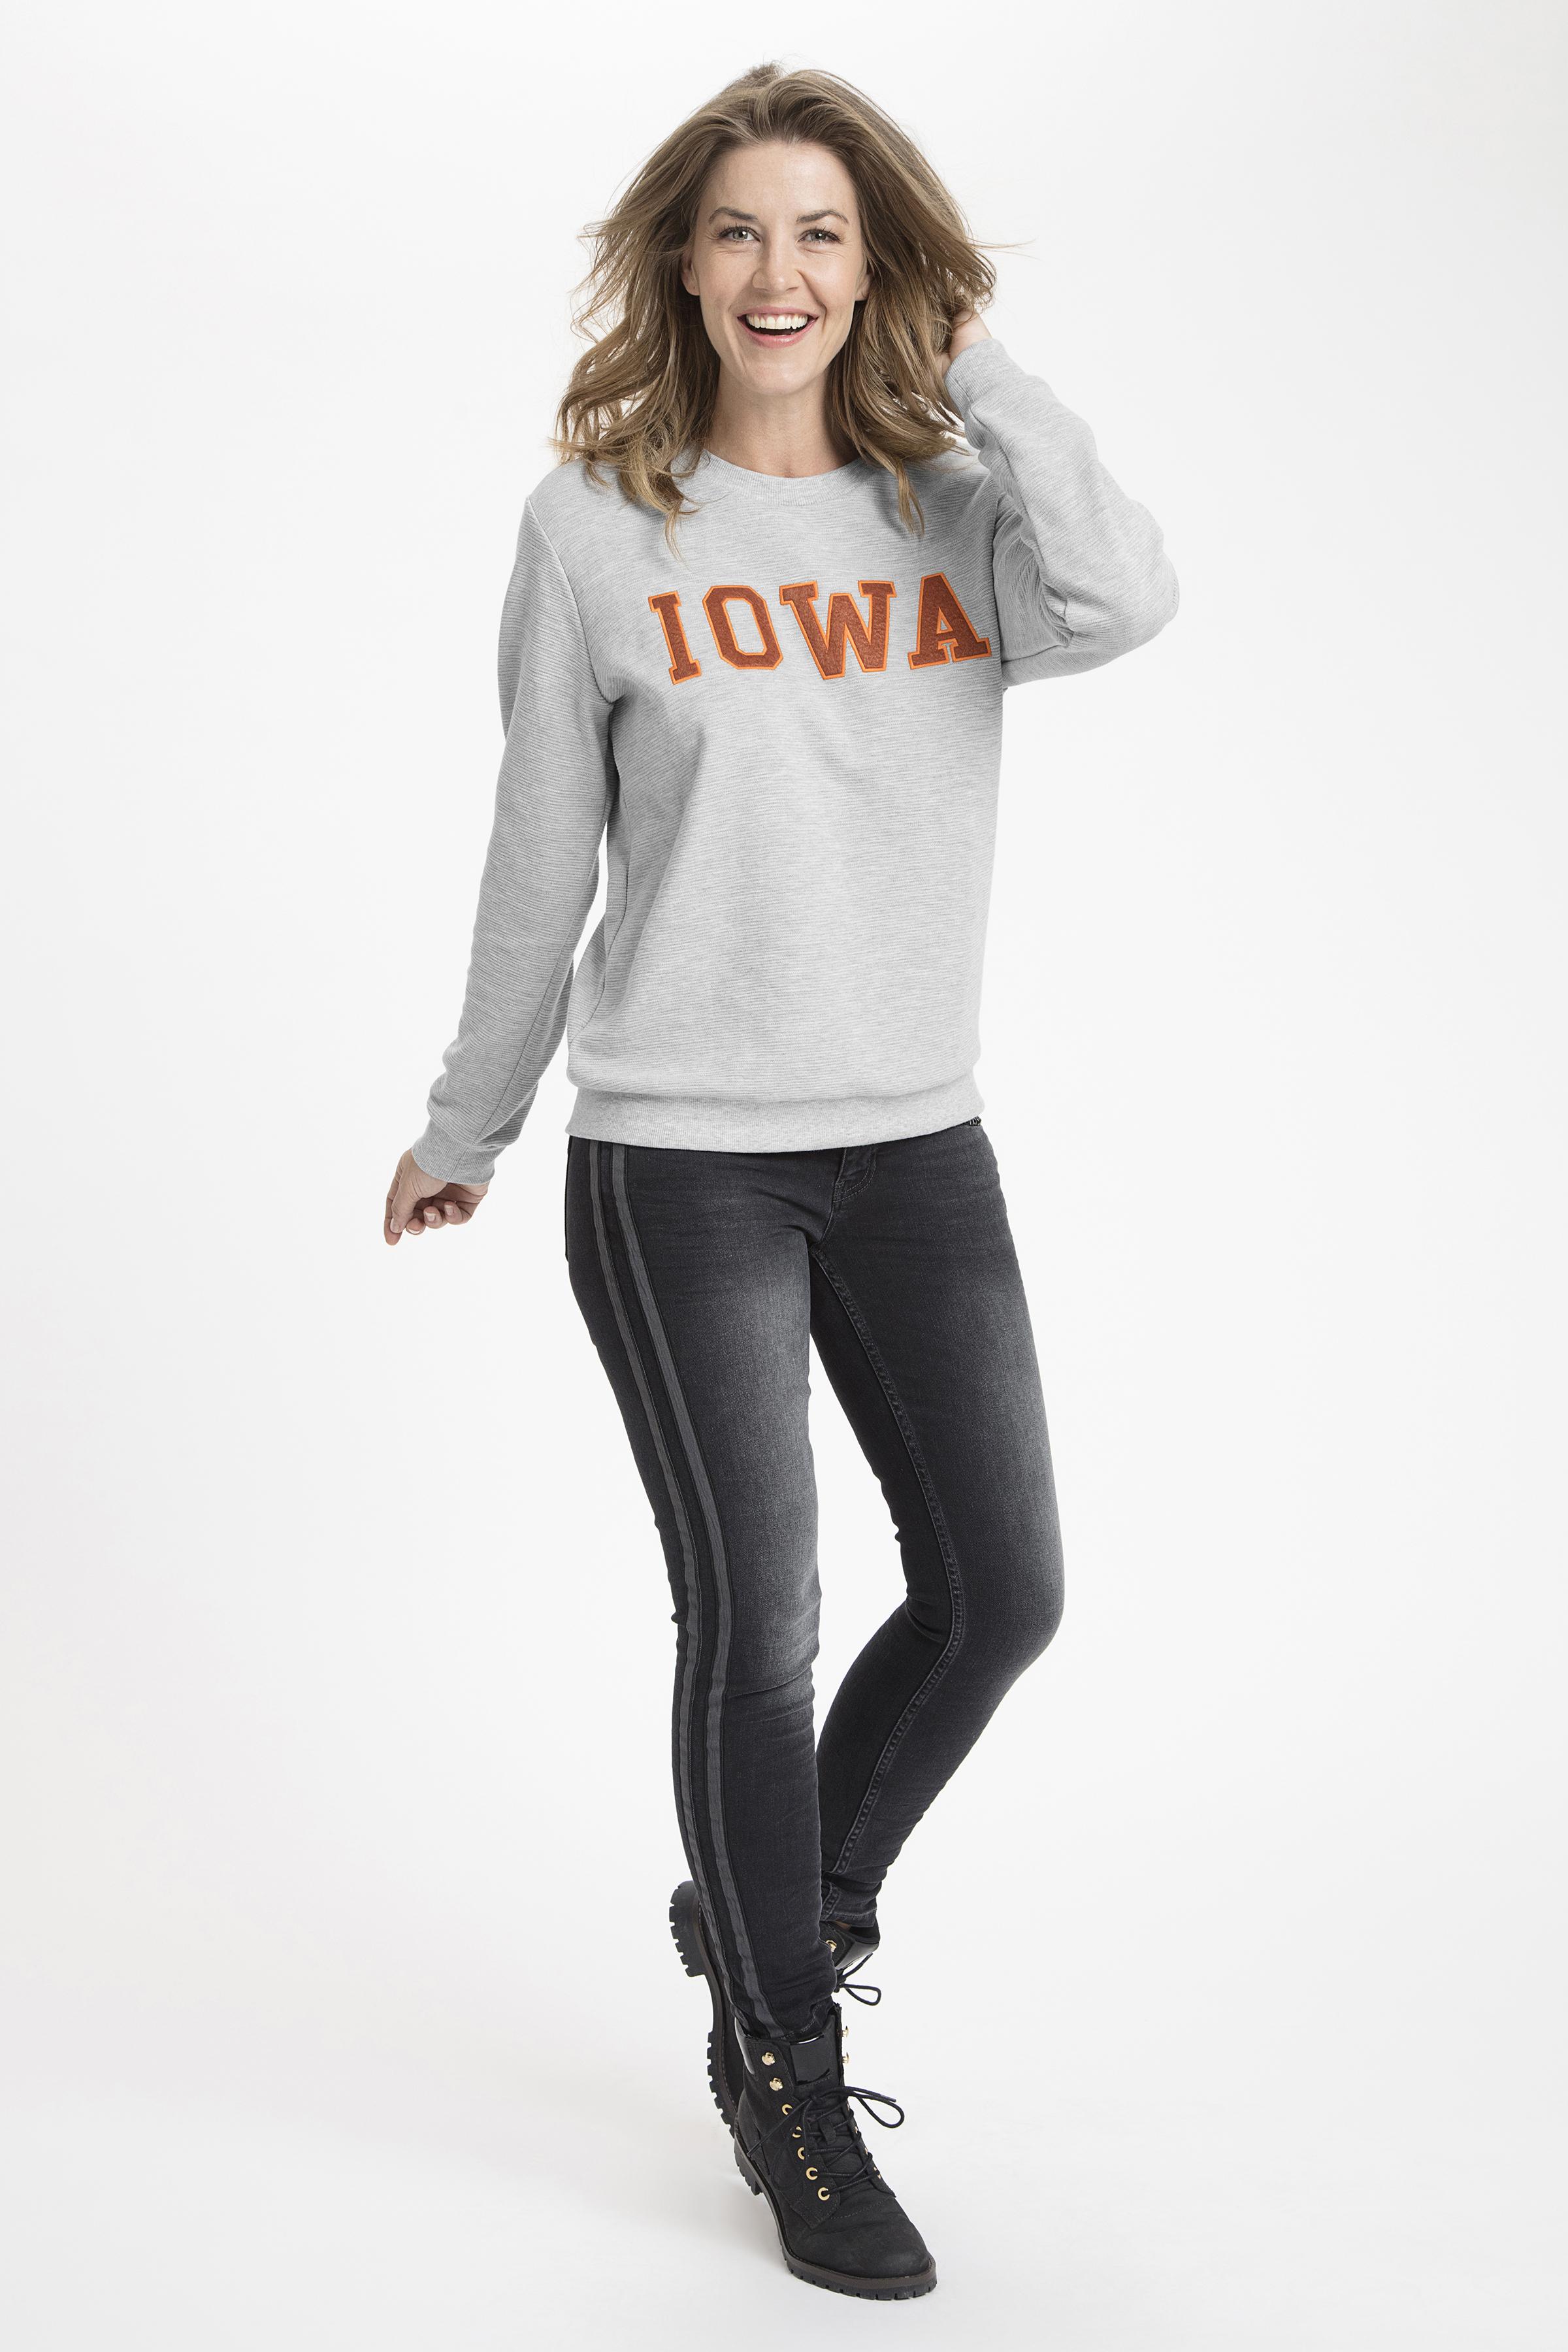 Grau meliert Sweatshirt von Kaffe – Shoppen Sie Grau meliert Sweatshirt ab Gr. XS-XXL hier